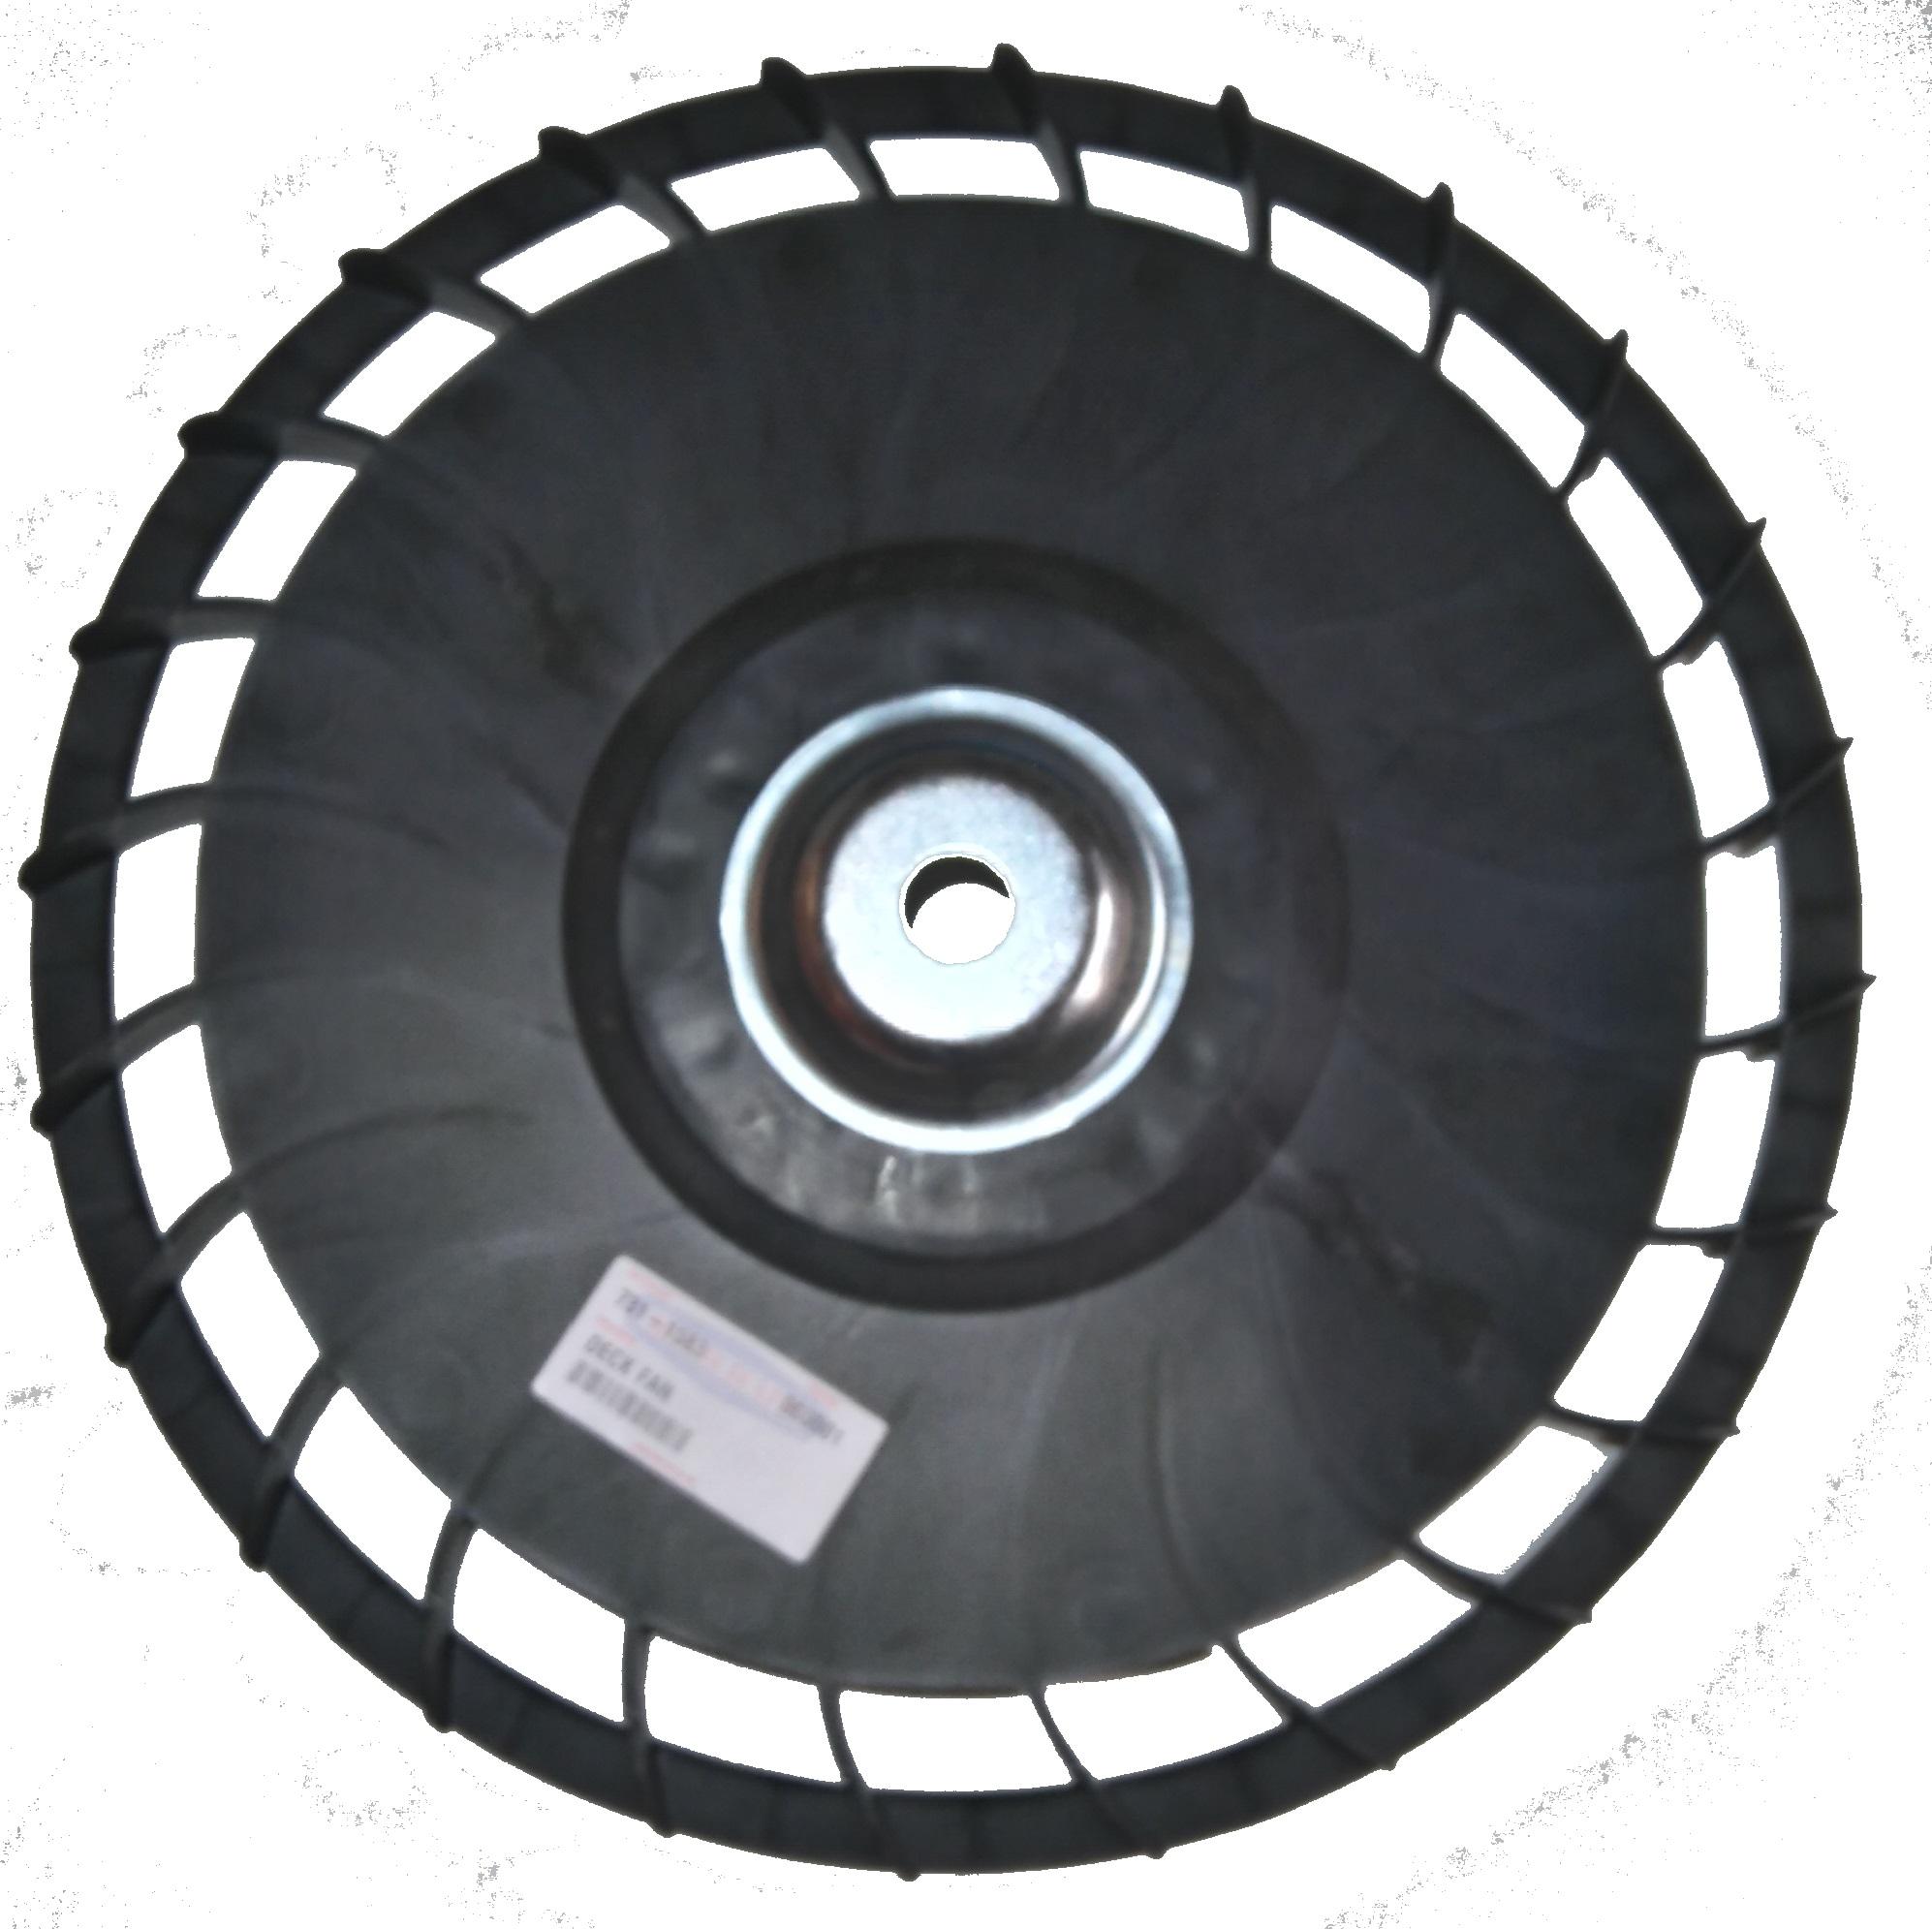 731 1583 Fan 30 Inch Deck